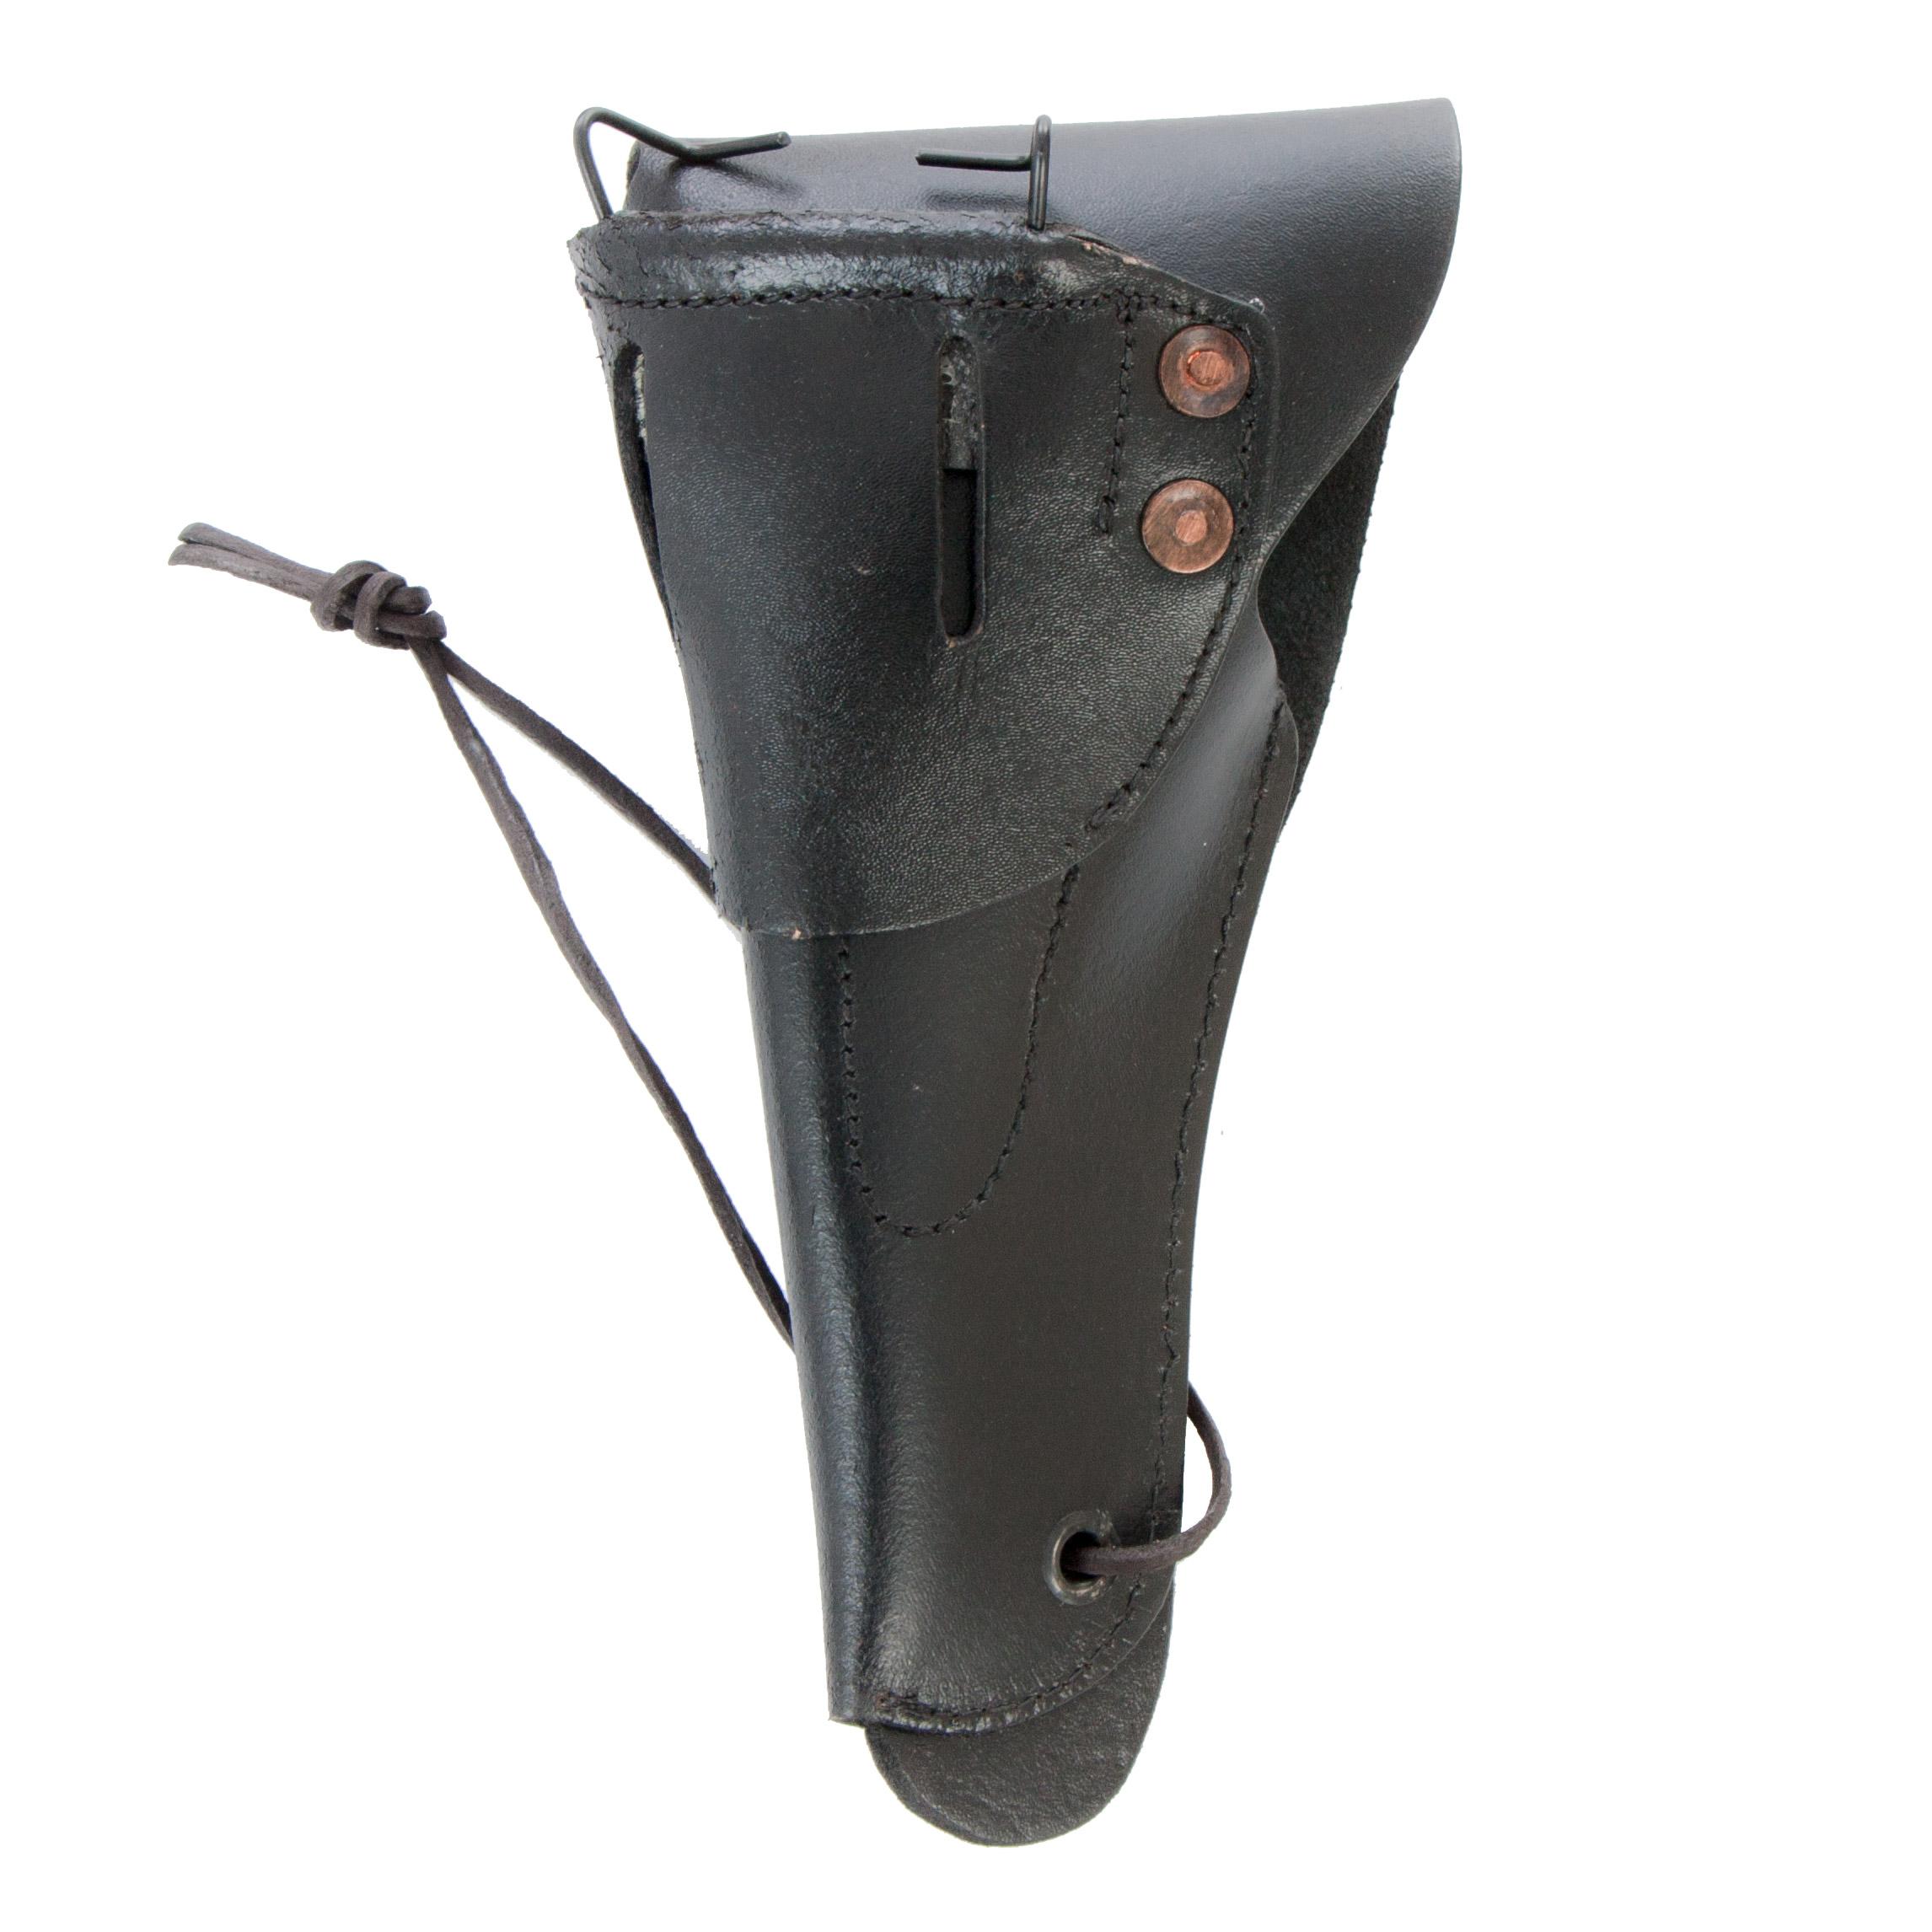 MMB Pouzdro na pistoli US Colt M1911 repro černé